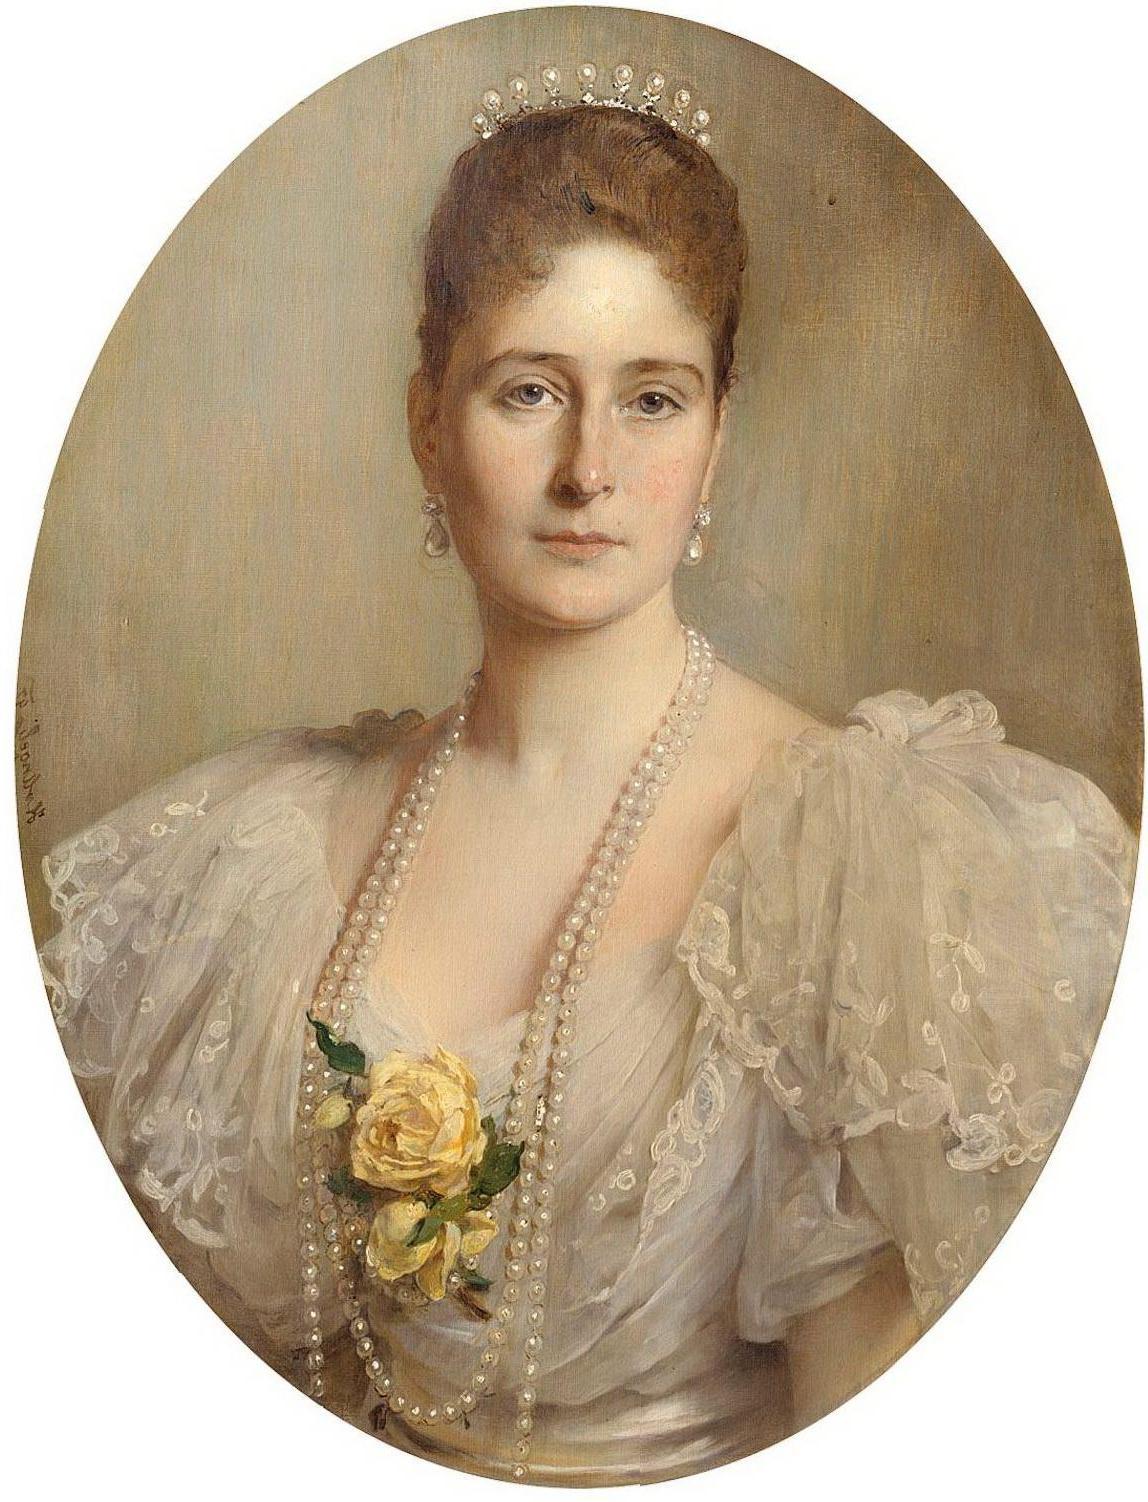 daughter of Queen Victoria